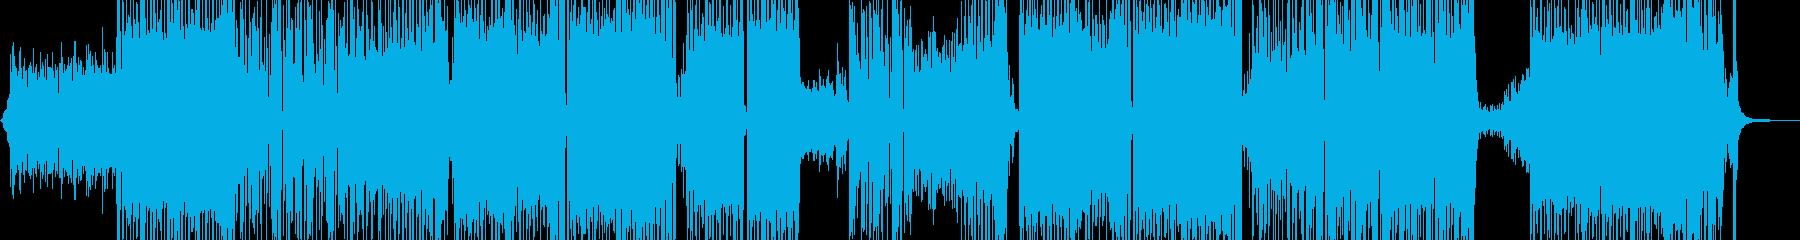 胸キュン・メルヘンな映像に ★L2+の再生済みの波形